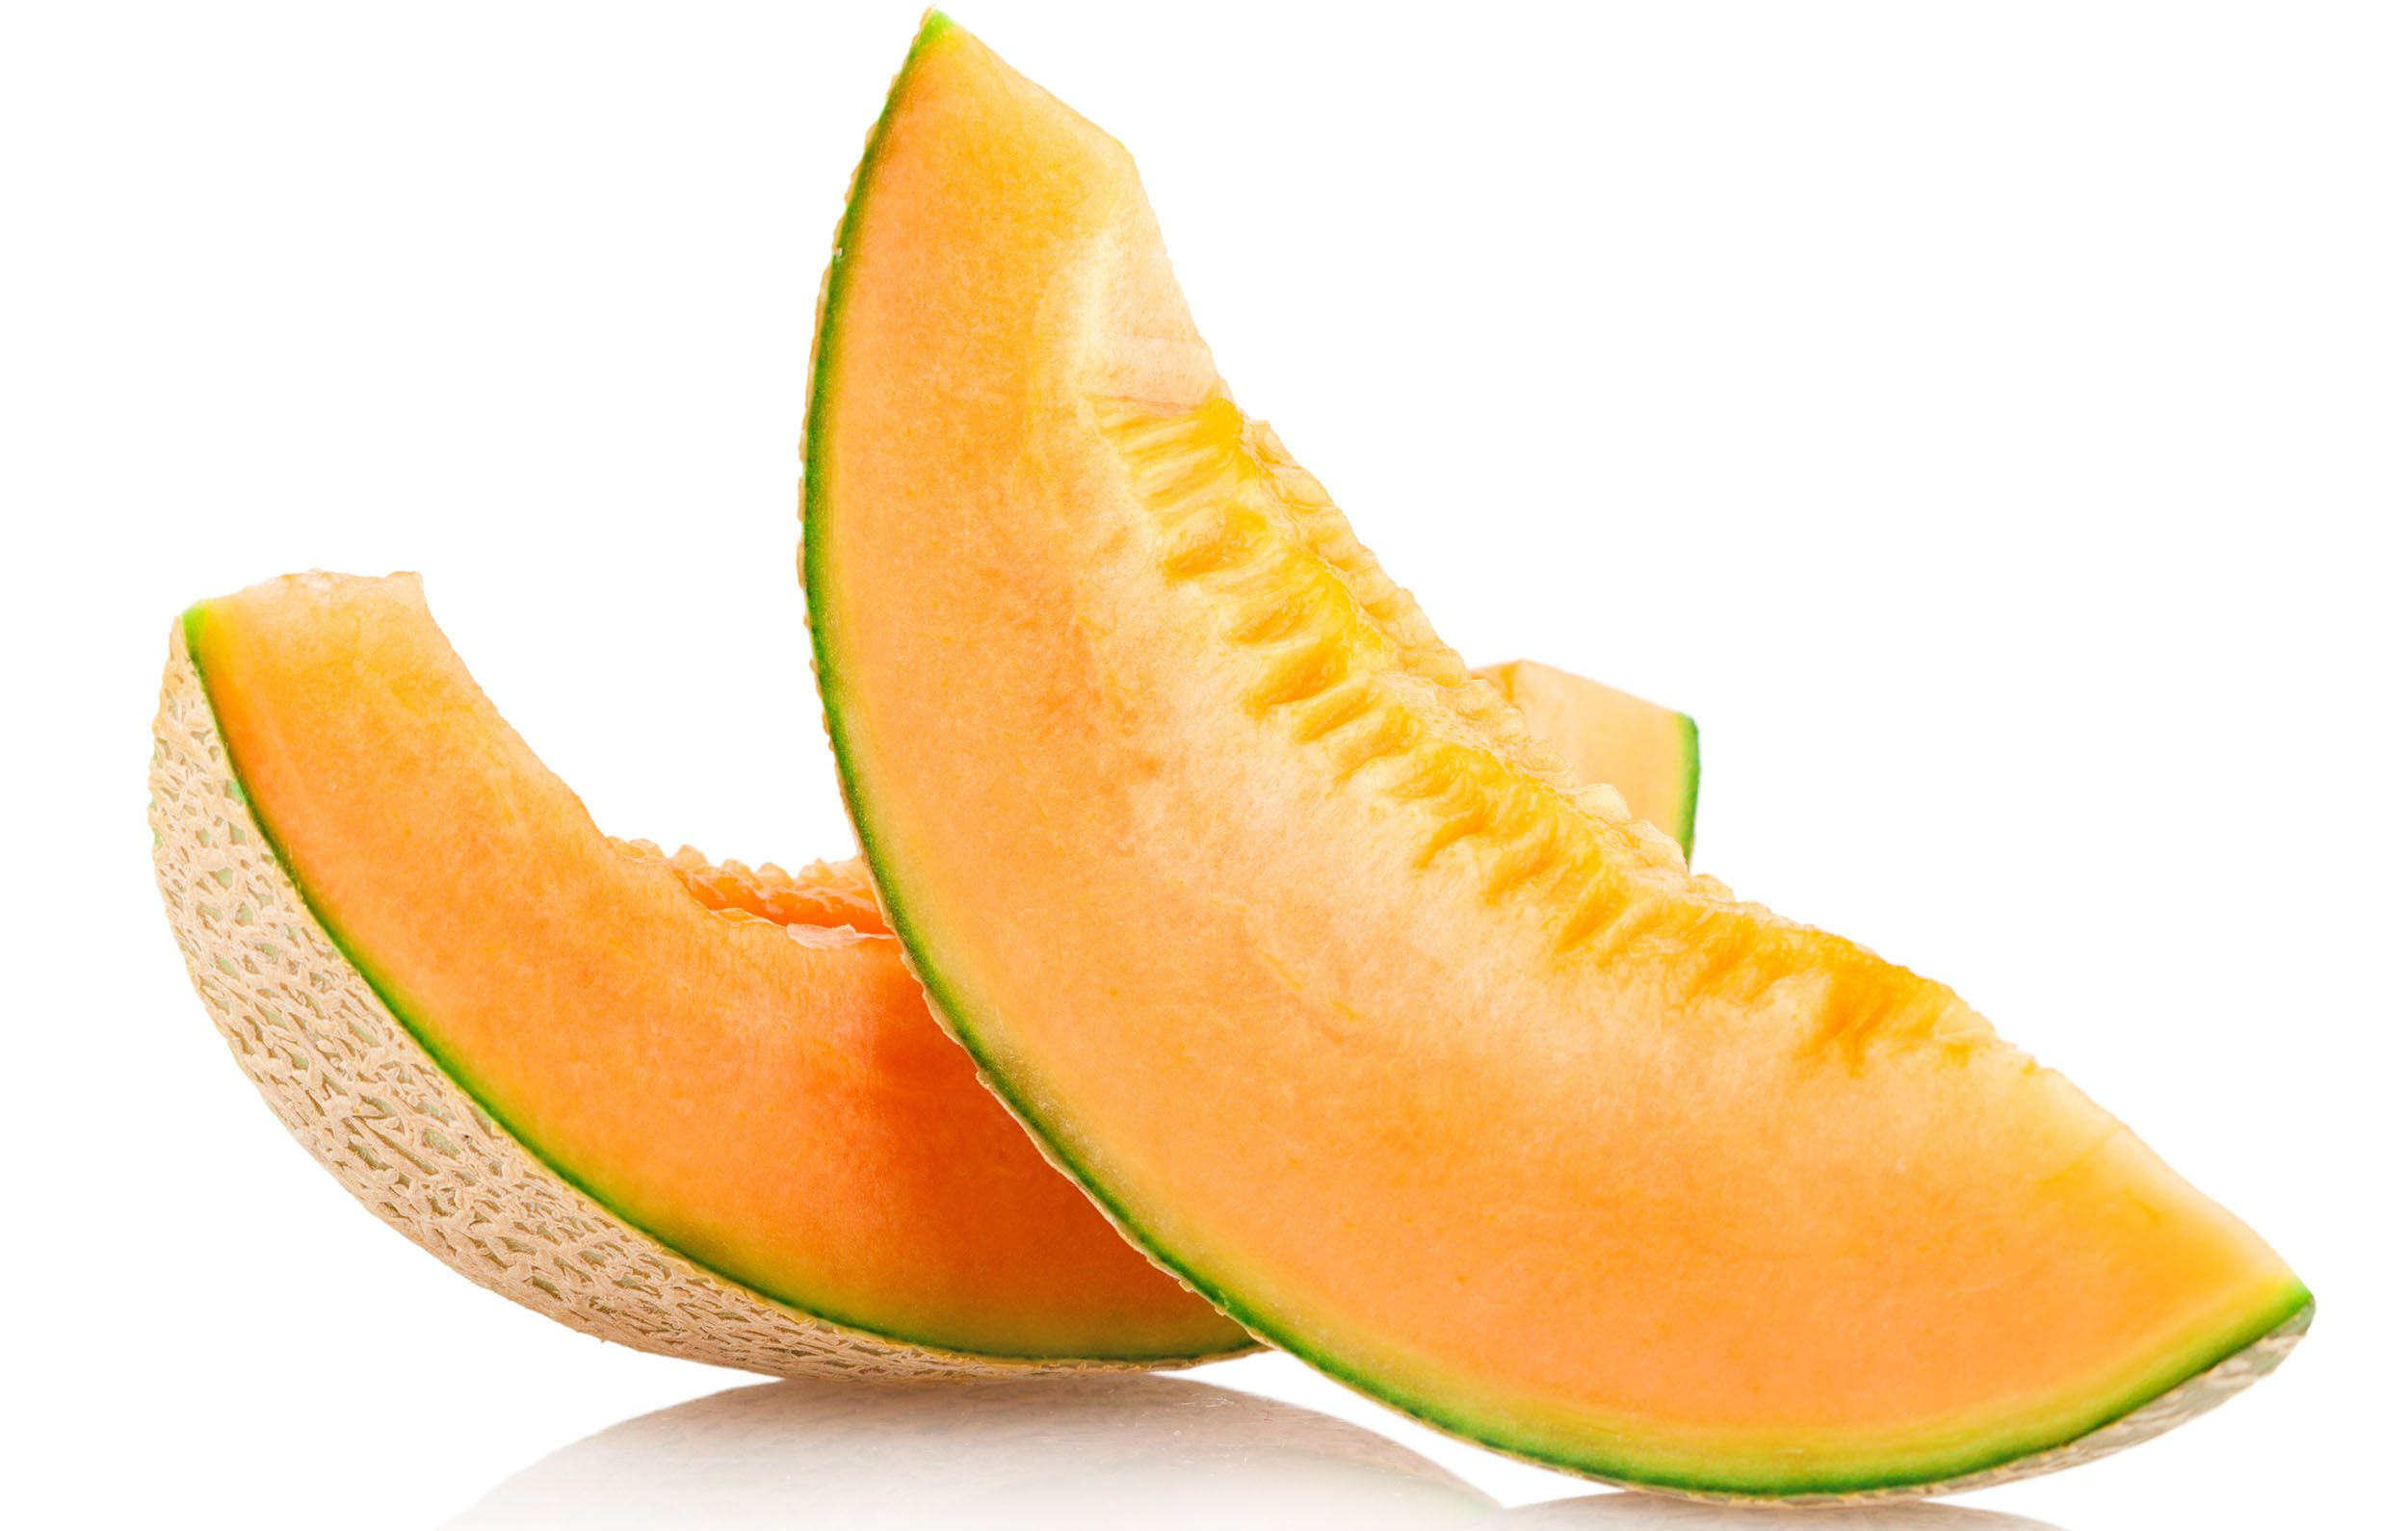 Come si pulisce il melone